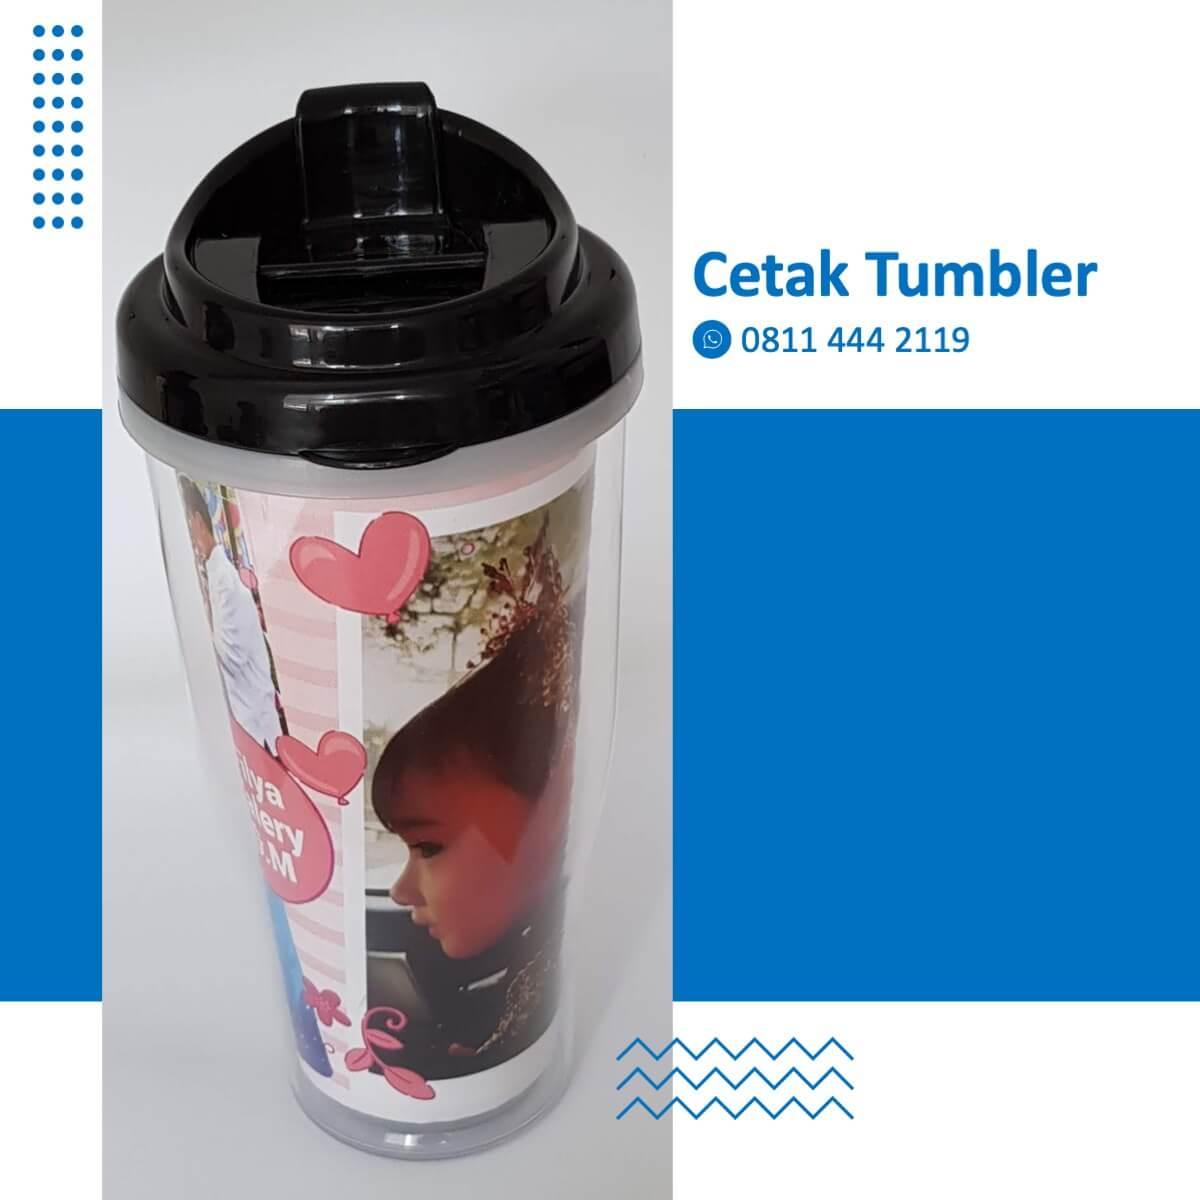 Cetak Tumbler Makassar